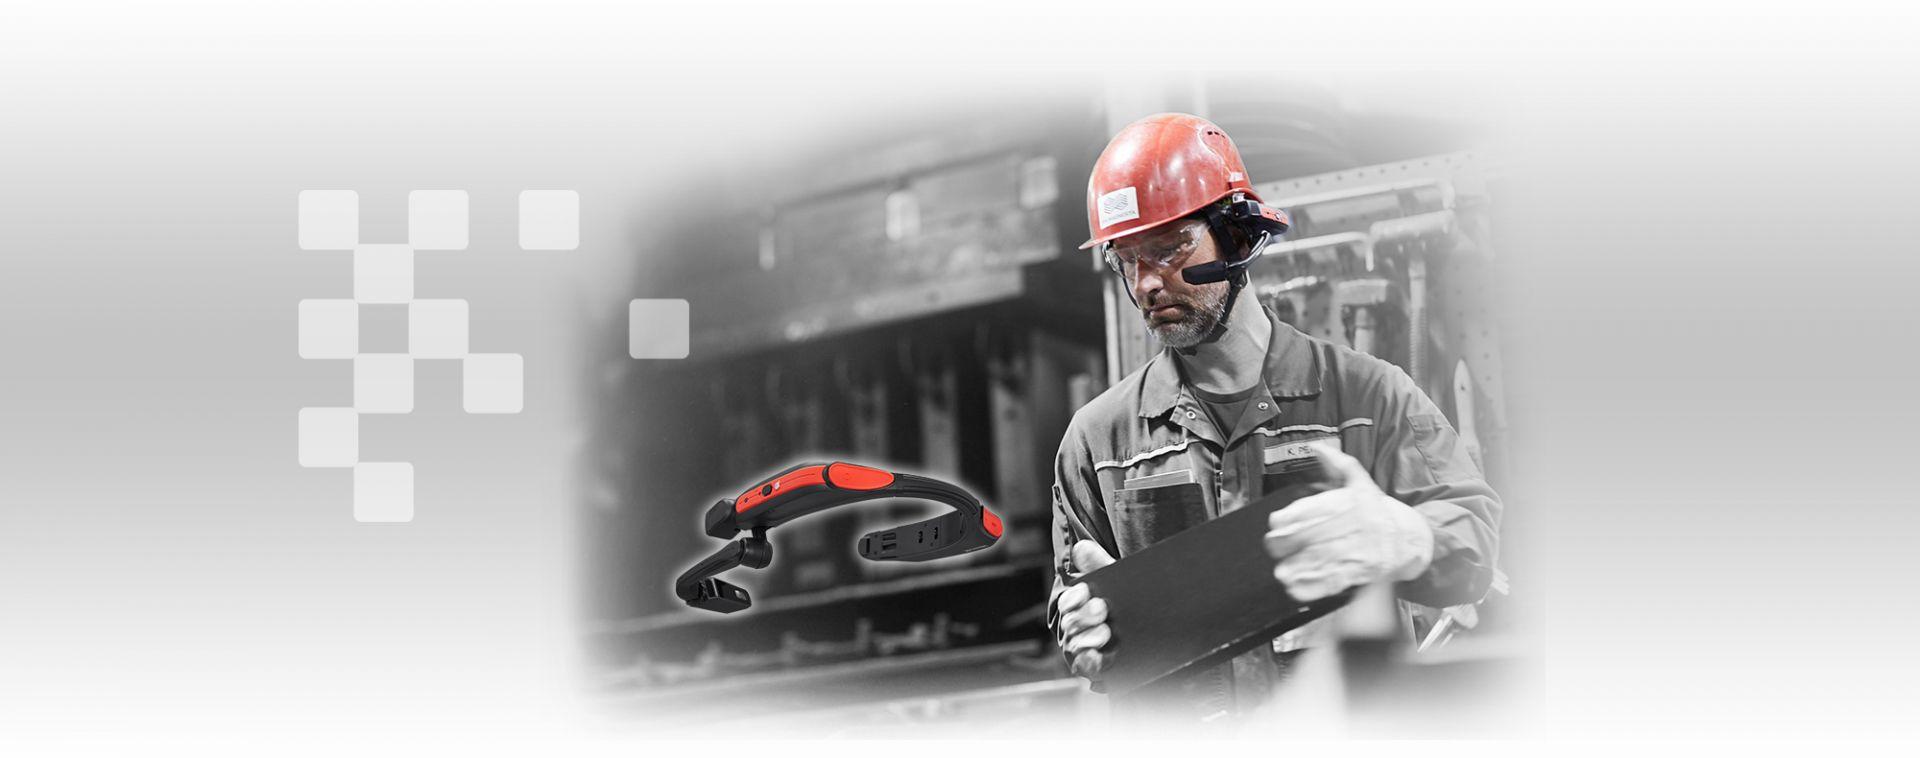 Wearable... <altSatir />Realware          <altSatir />            <altSatir />Endüstriyel Giyilebilir Teknolojiler